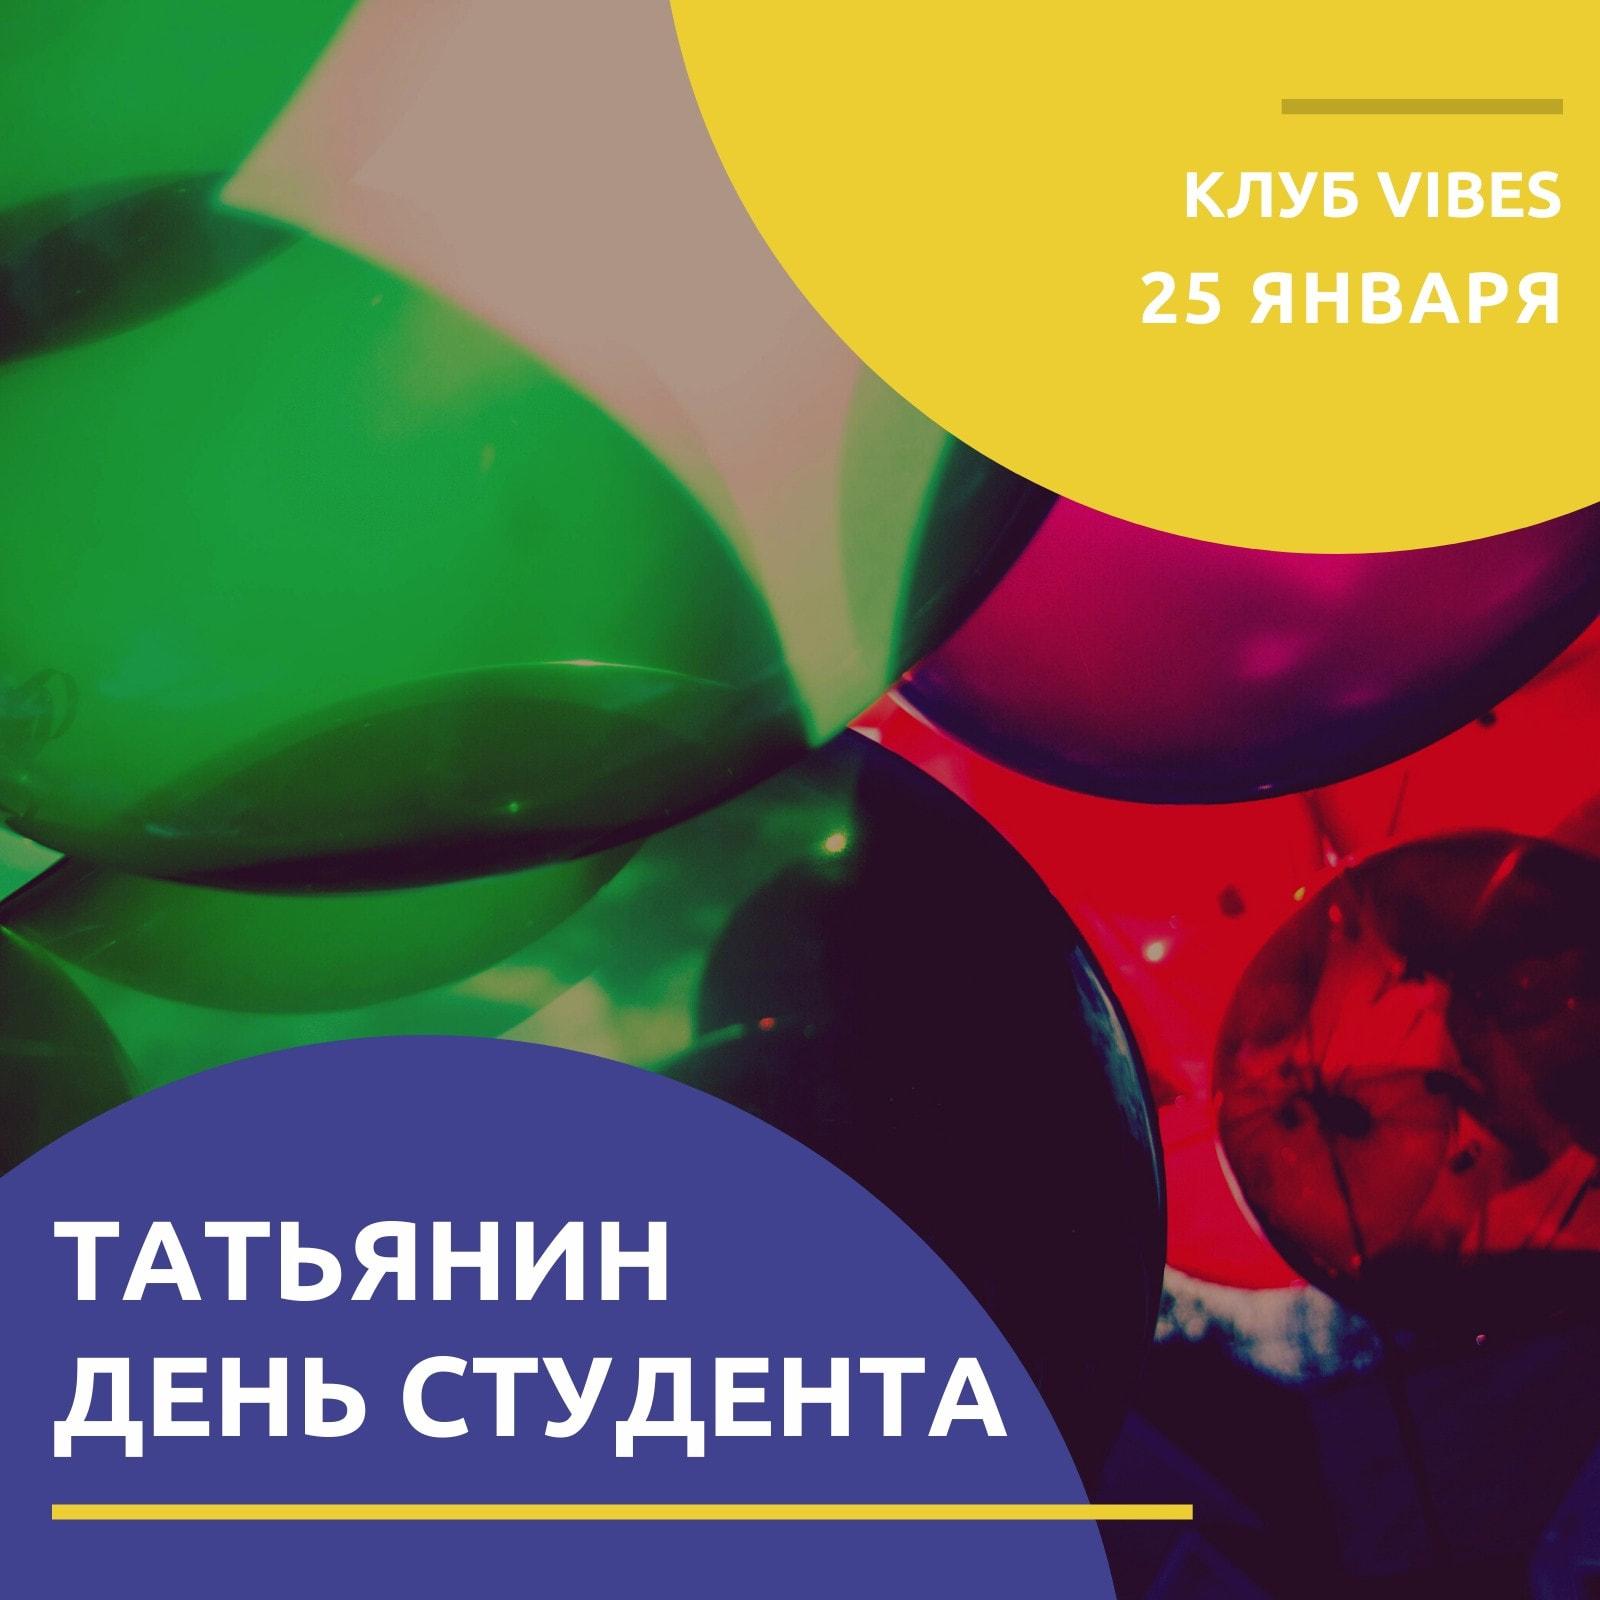 Пригласительный на Татьянин день студента с фотографией разноцветных воздушных шаров